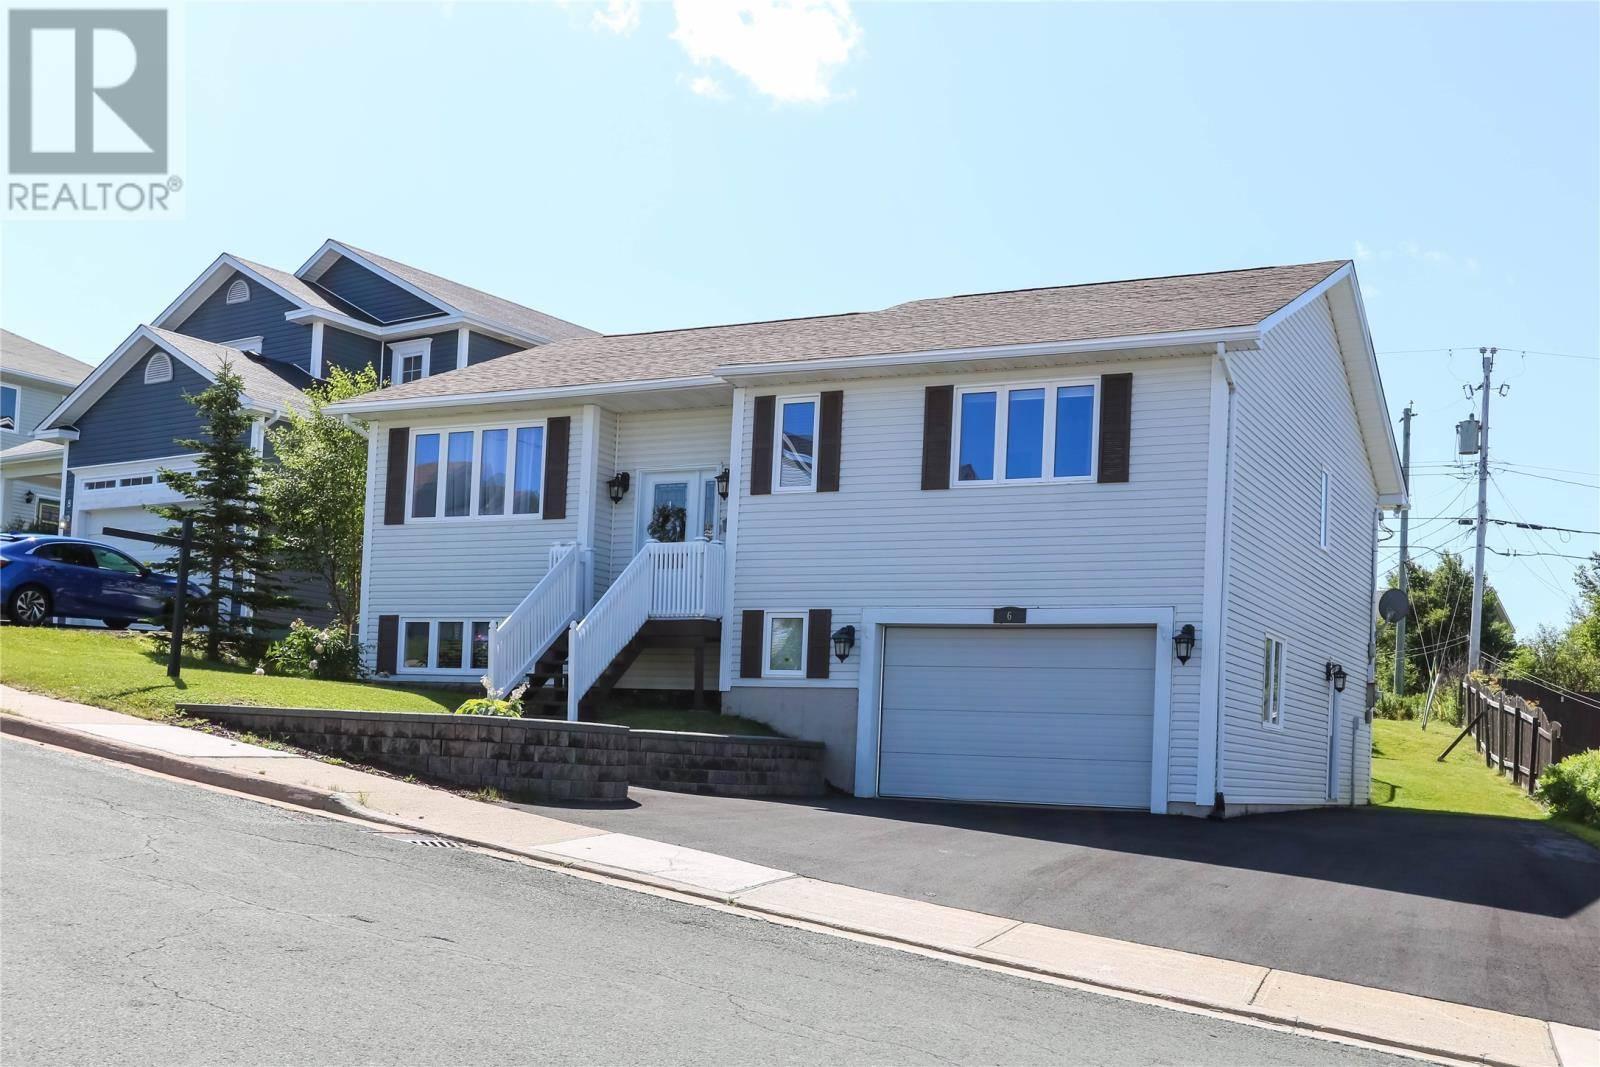 House for sale at 6 Ashbourne Dr St. John's Newfoundland - MLS: 1200786